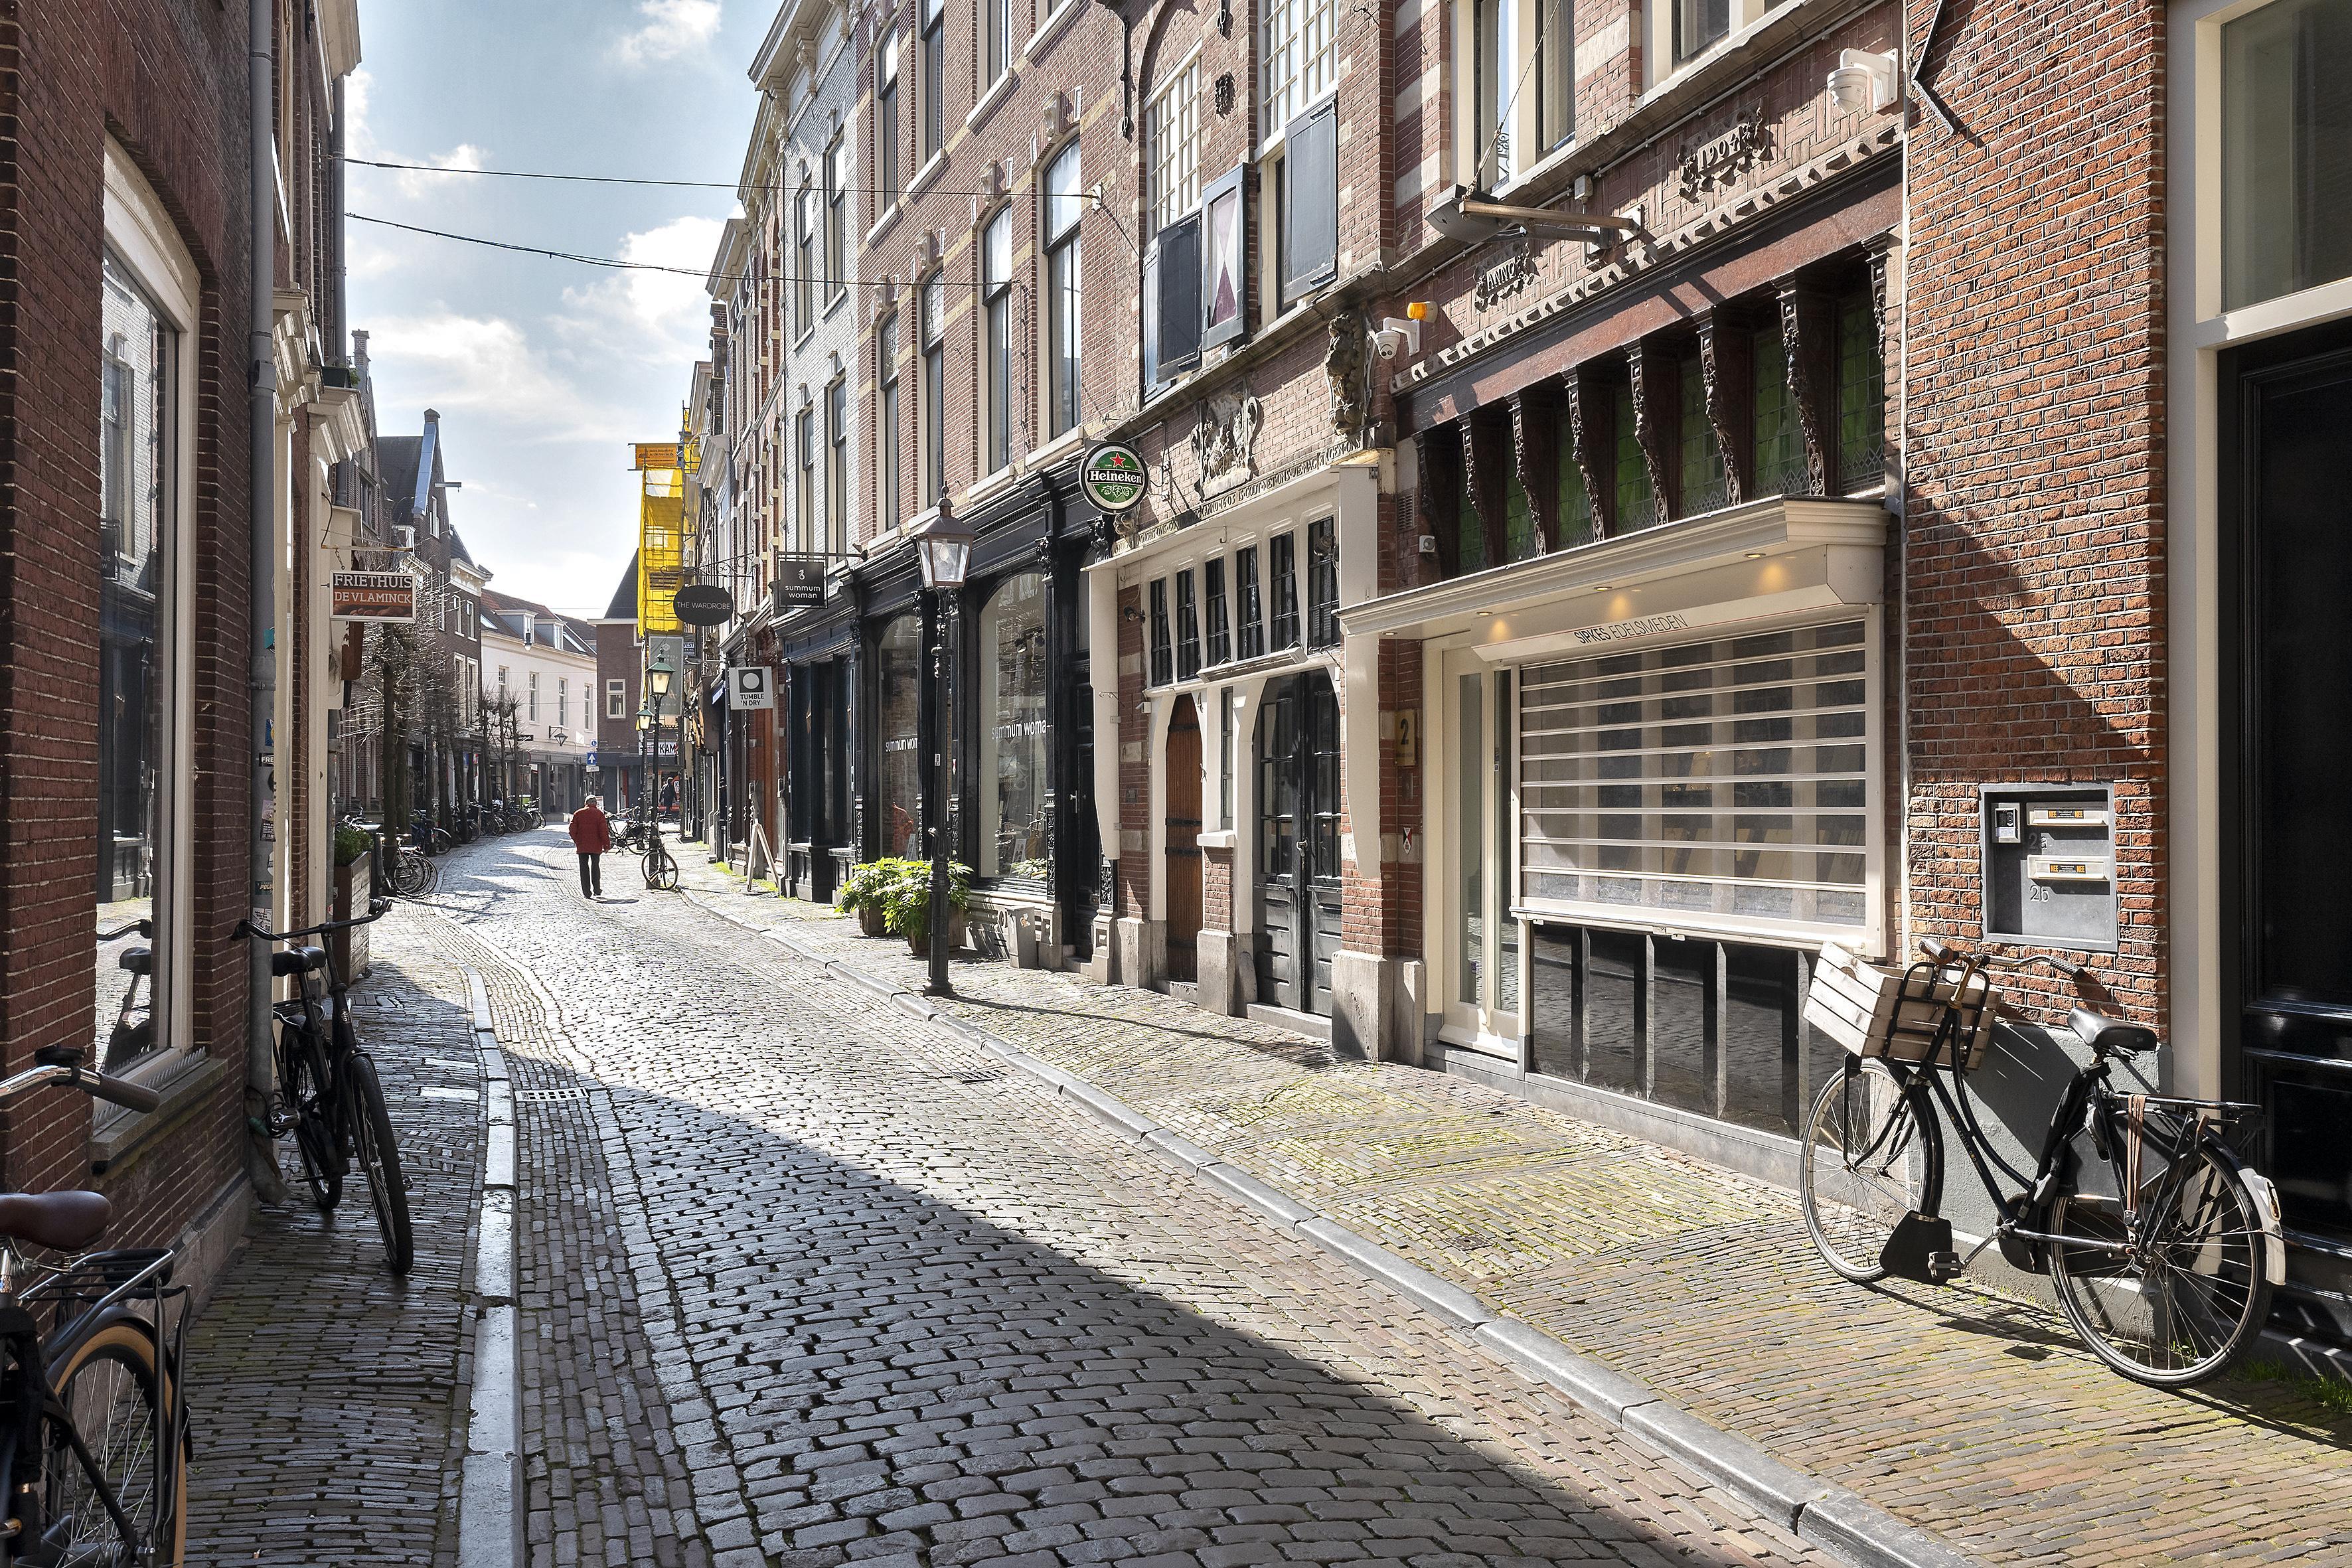 'De ultieme stoep vind ik in de Warmoesstraat, maar die straat behoort met haar kasseien en dat licht erop sowieso tot de mooiste straten van Haarlem' | Column